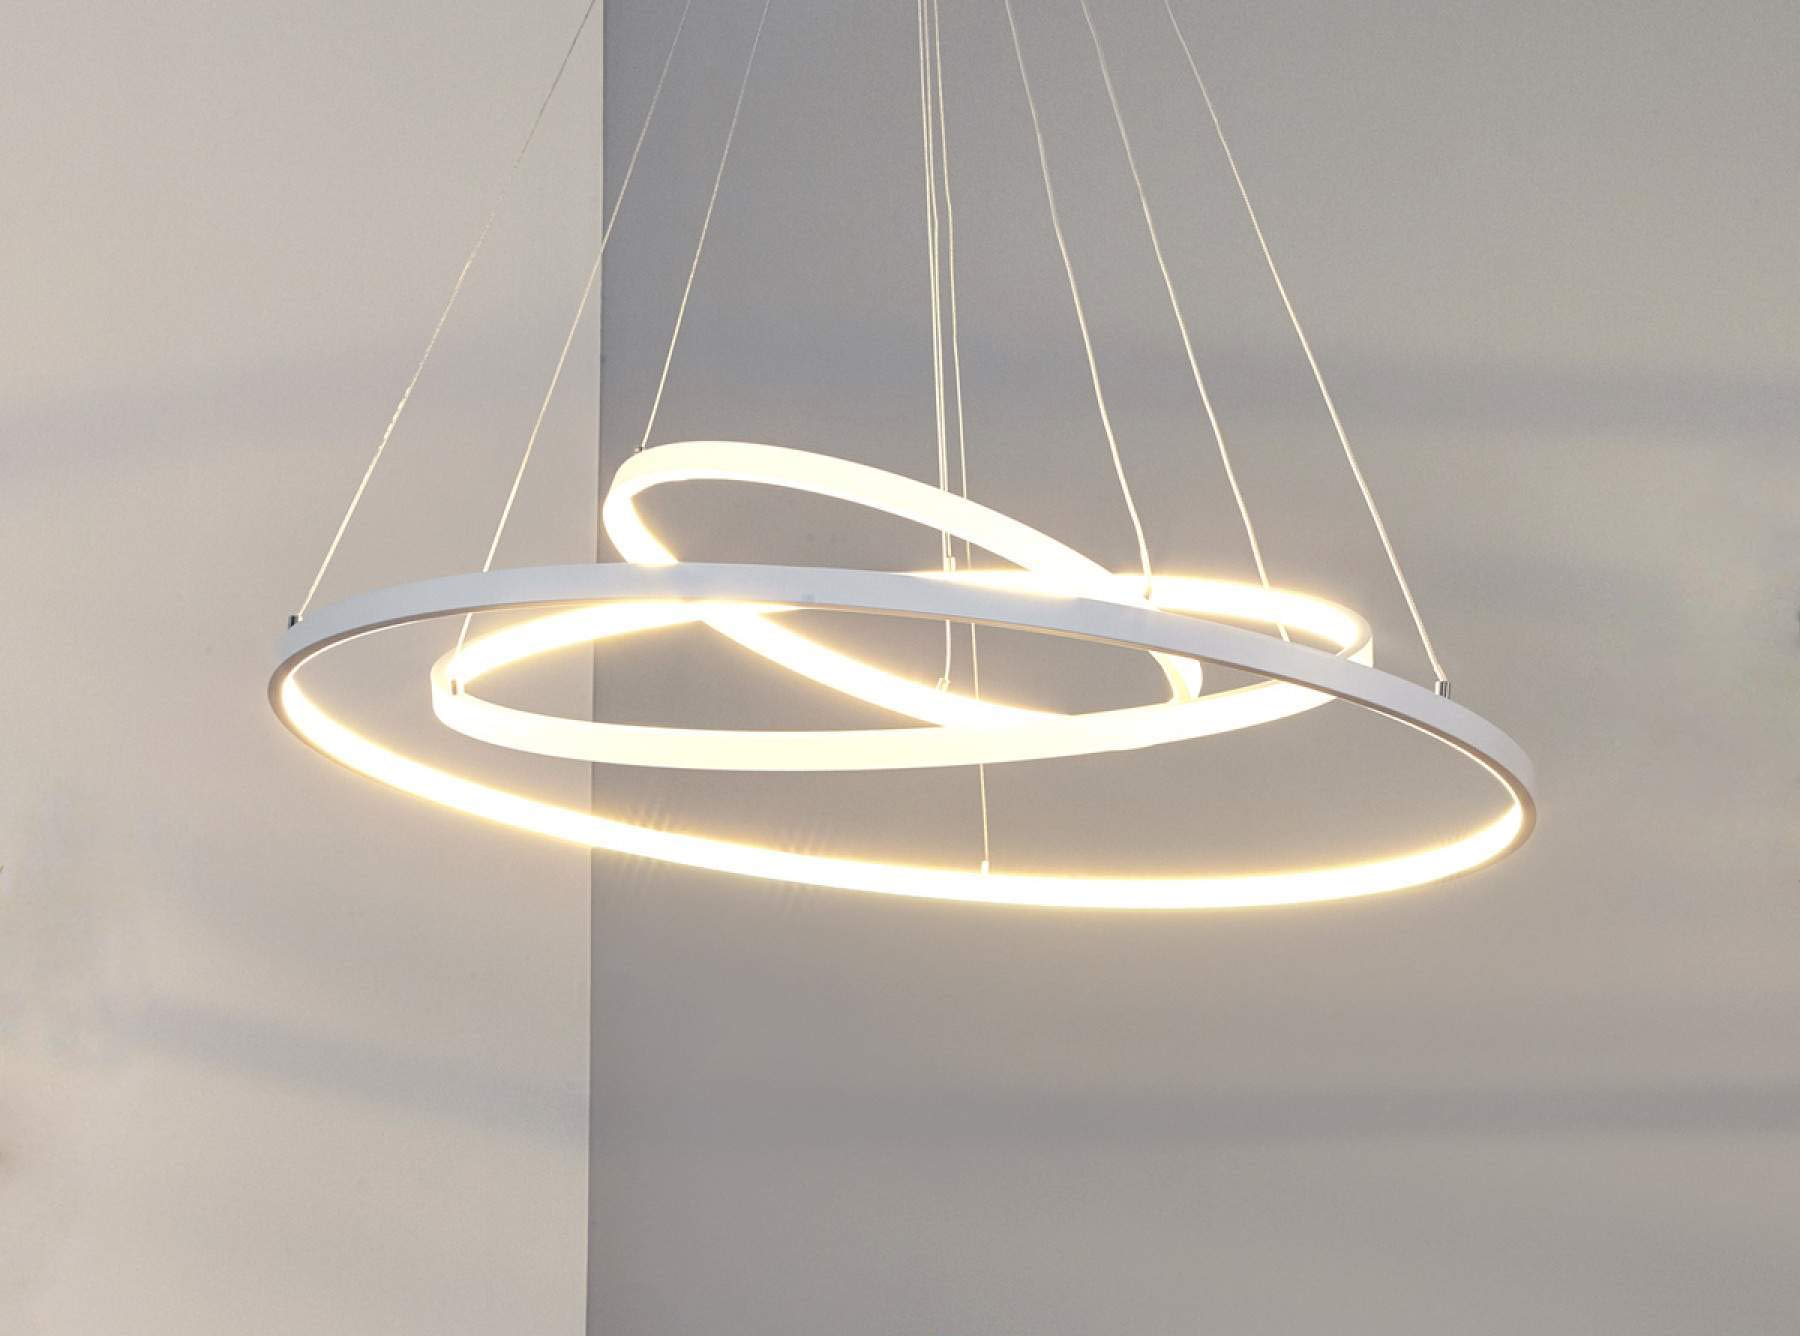 TECNO&LED – Lampadario a sospensione LED moderno 3 anelli di design a luce fredda